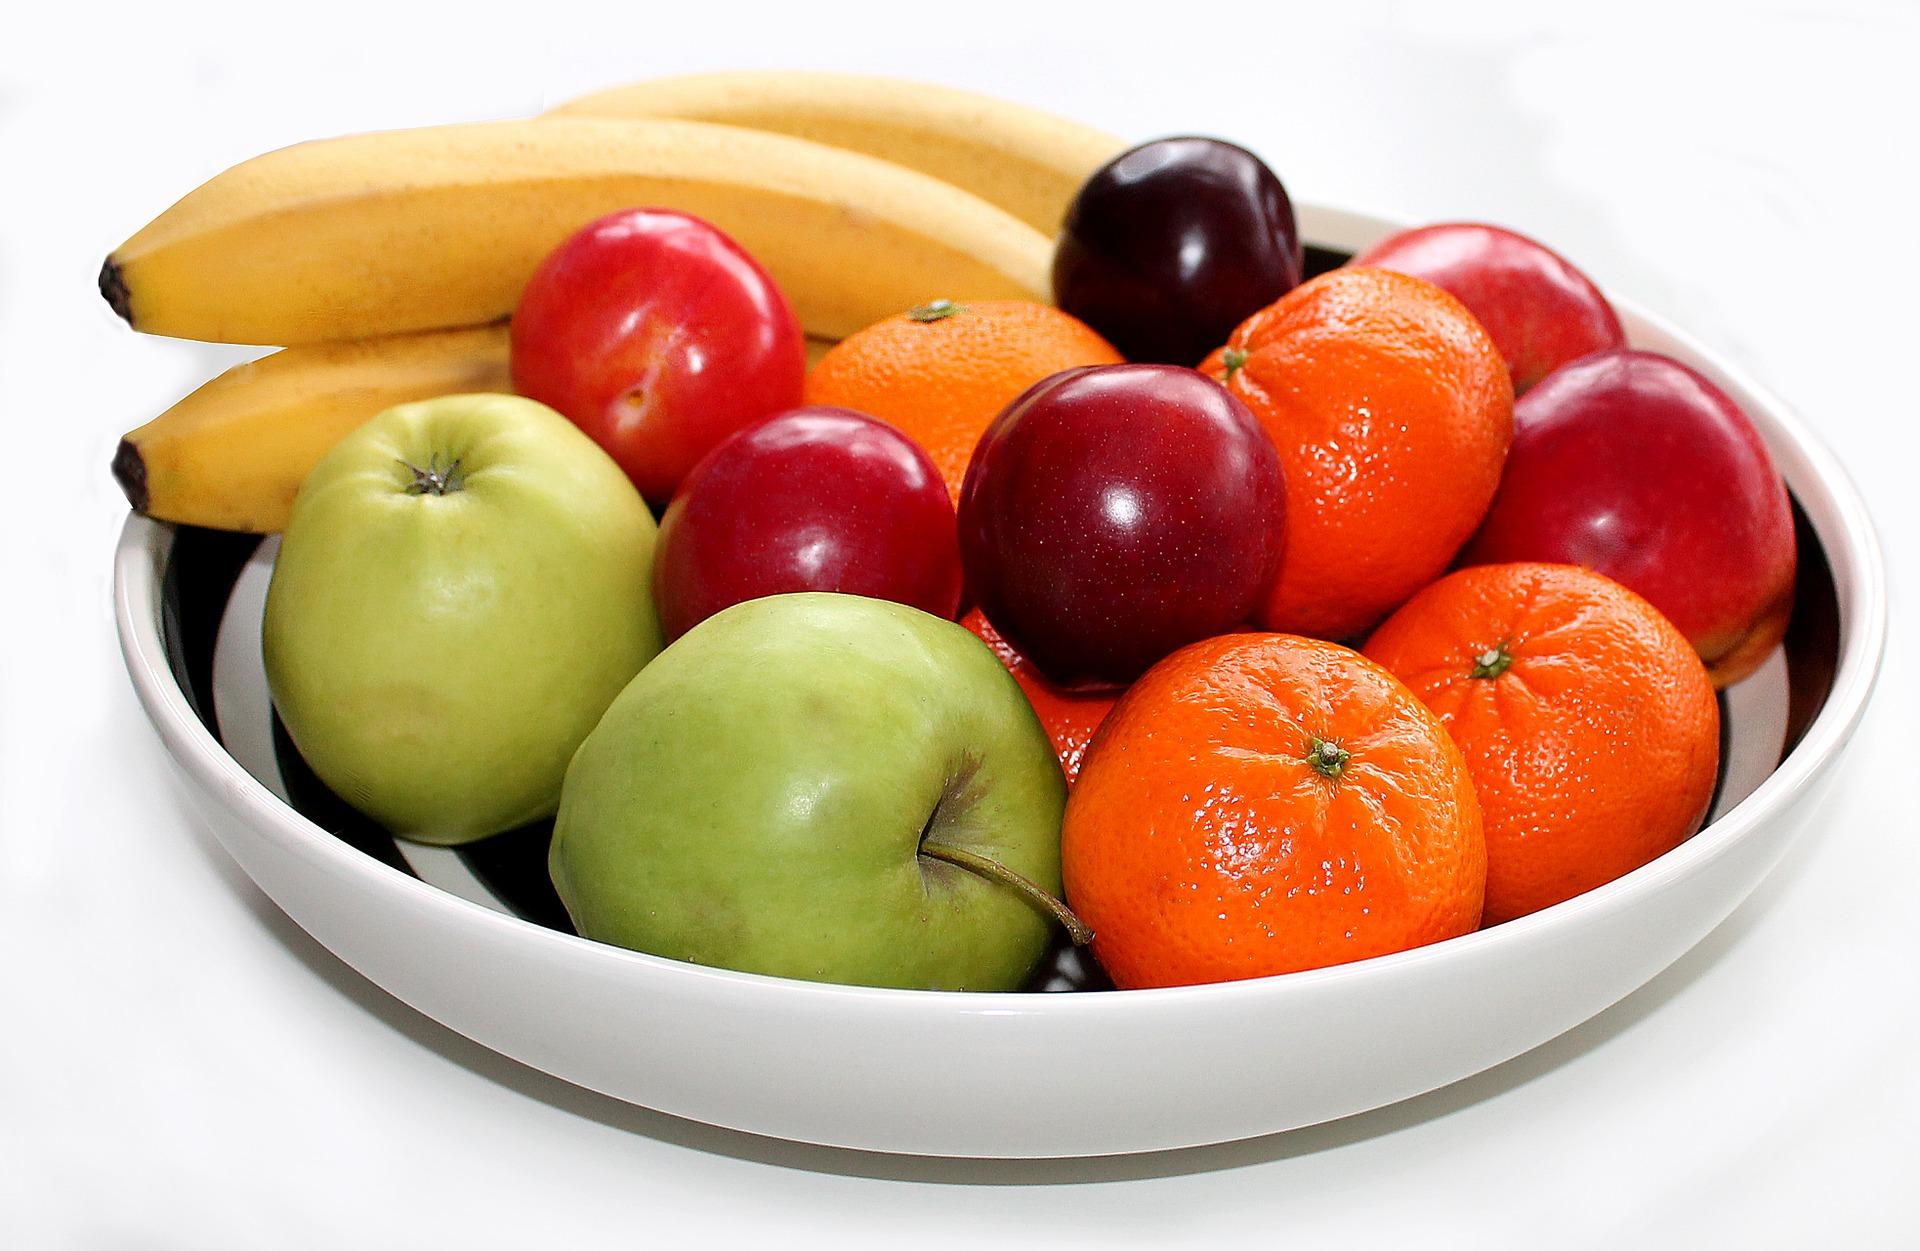 fruit-657491_1920.jpg